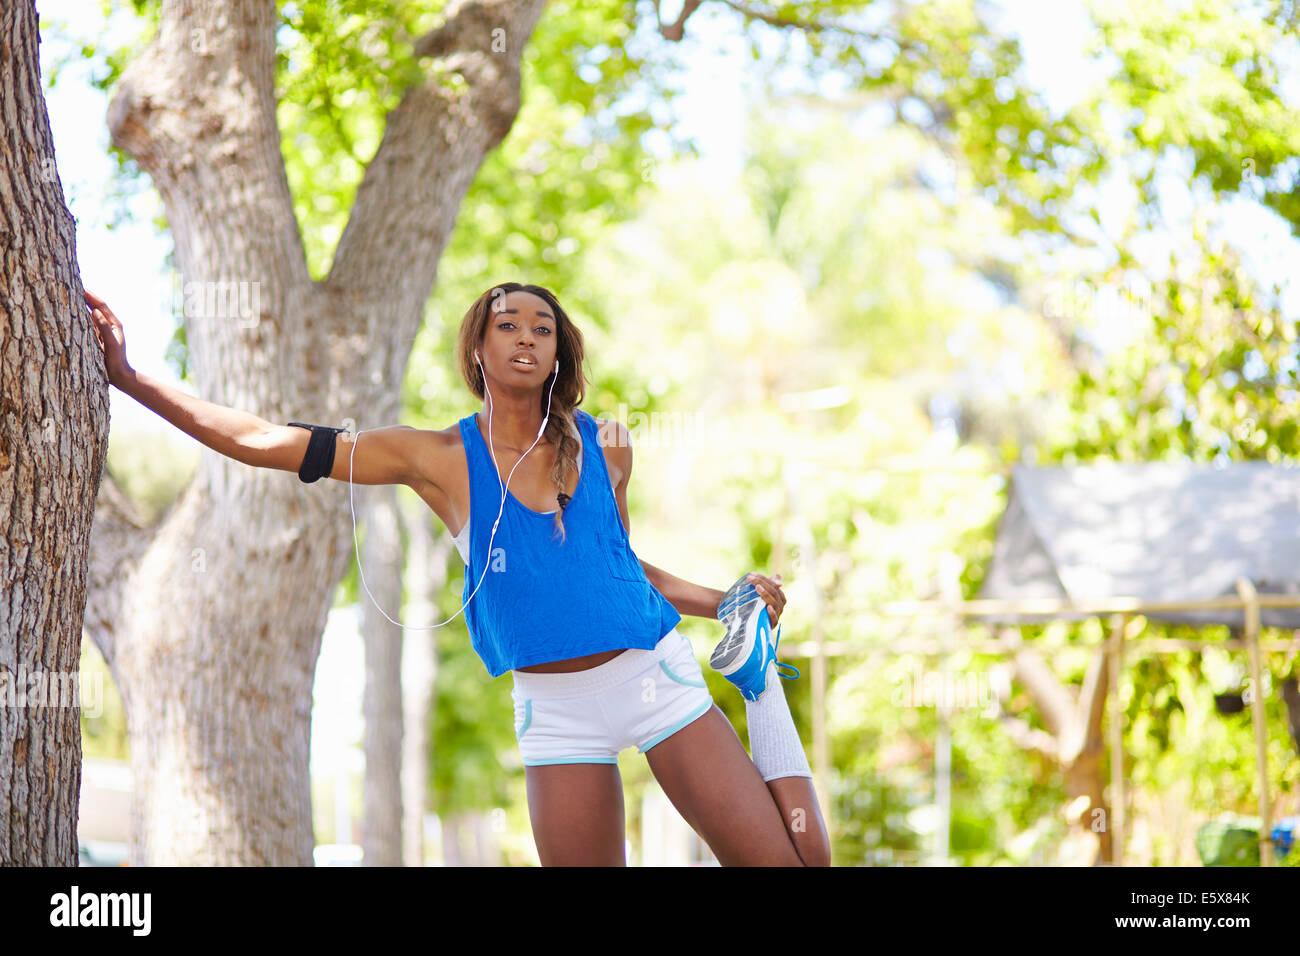 Junge weibliche Läufer Aufwärmen im park Stockbild